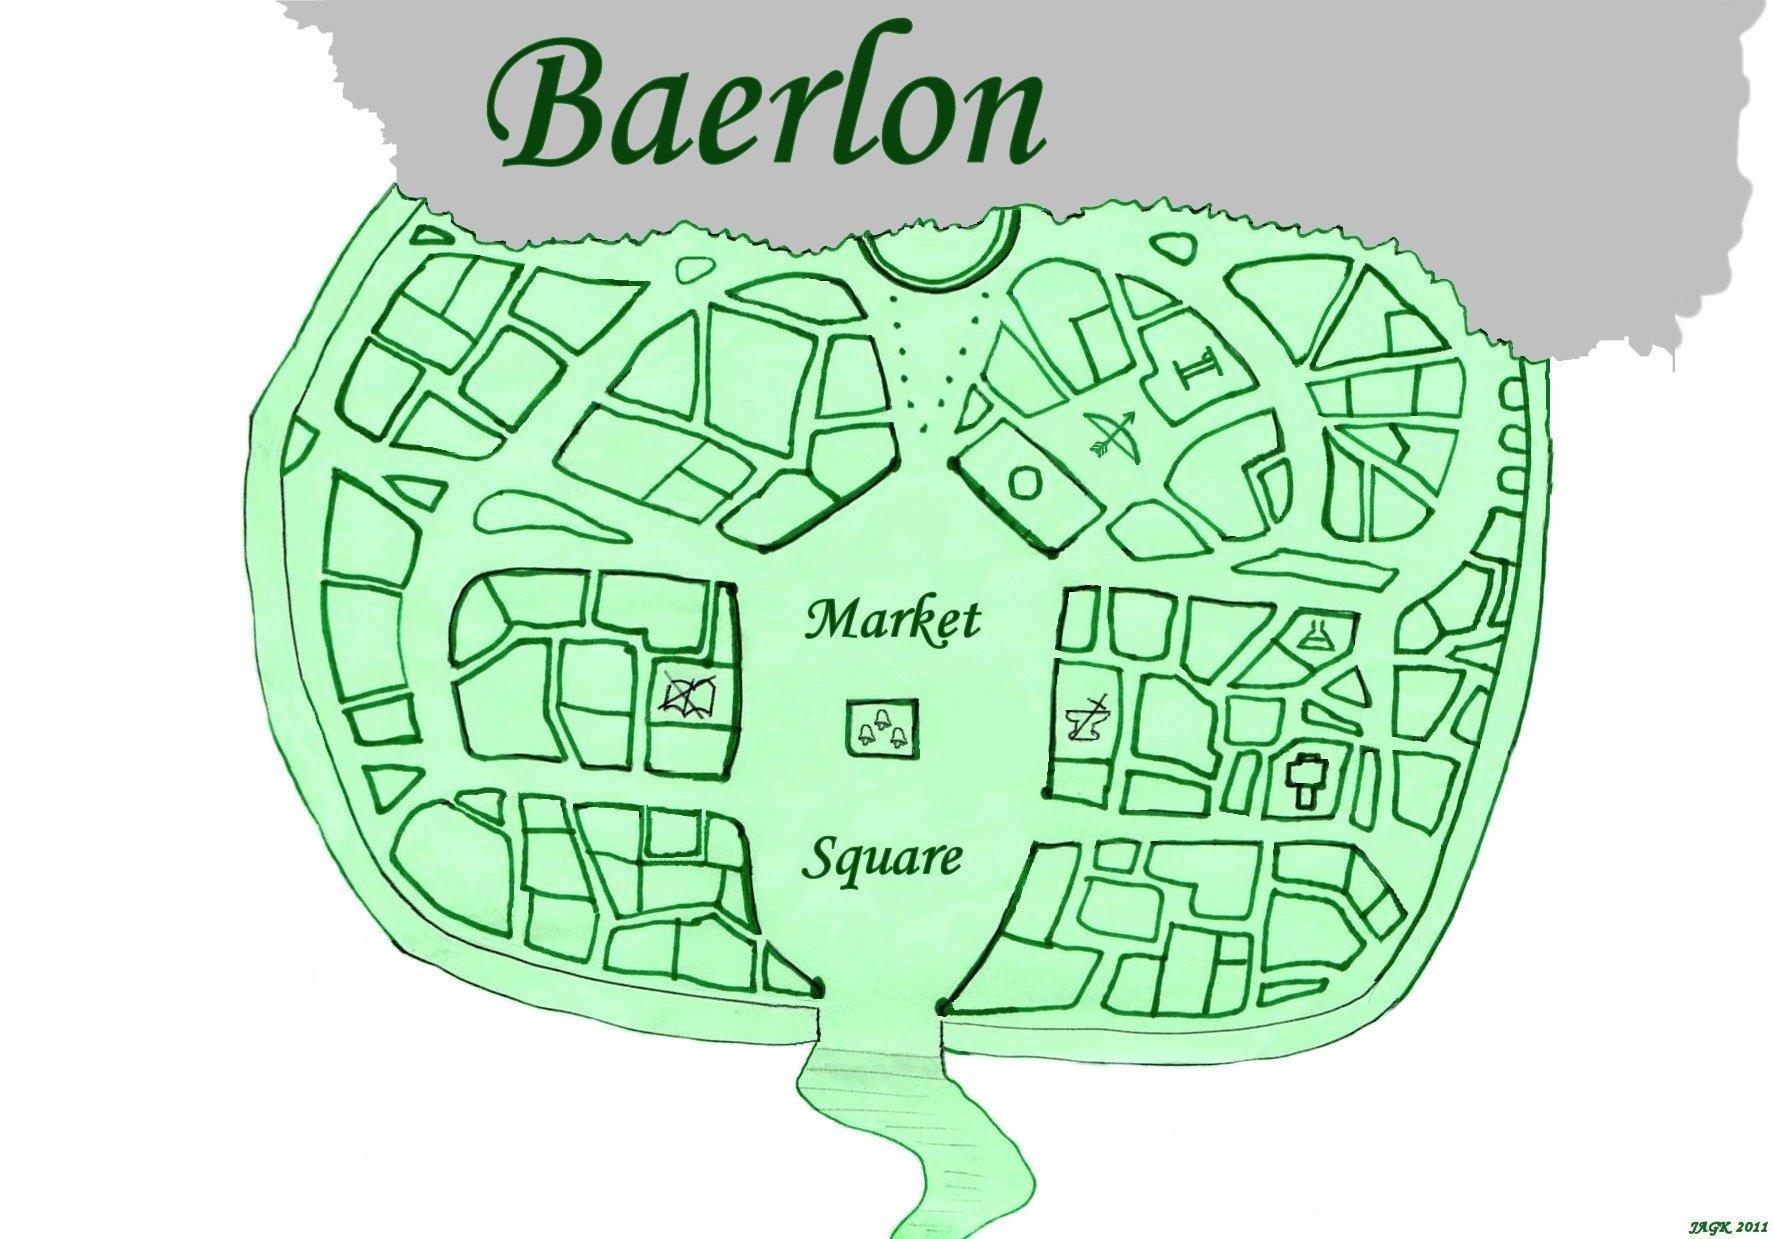 Baerlon